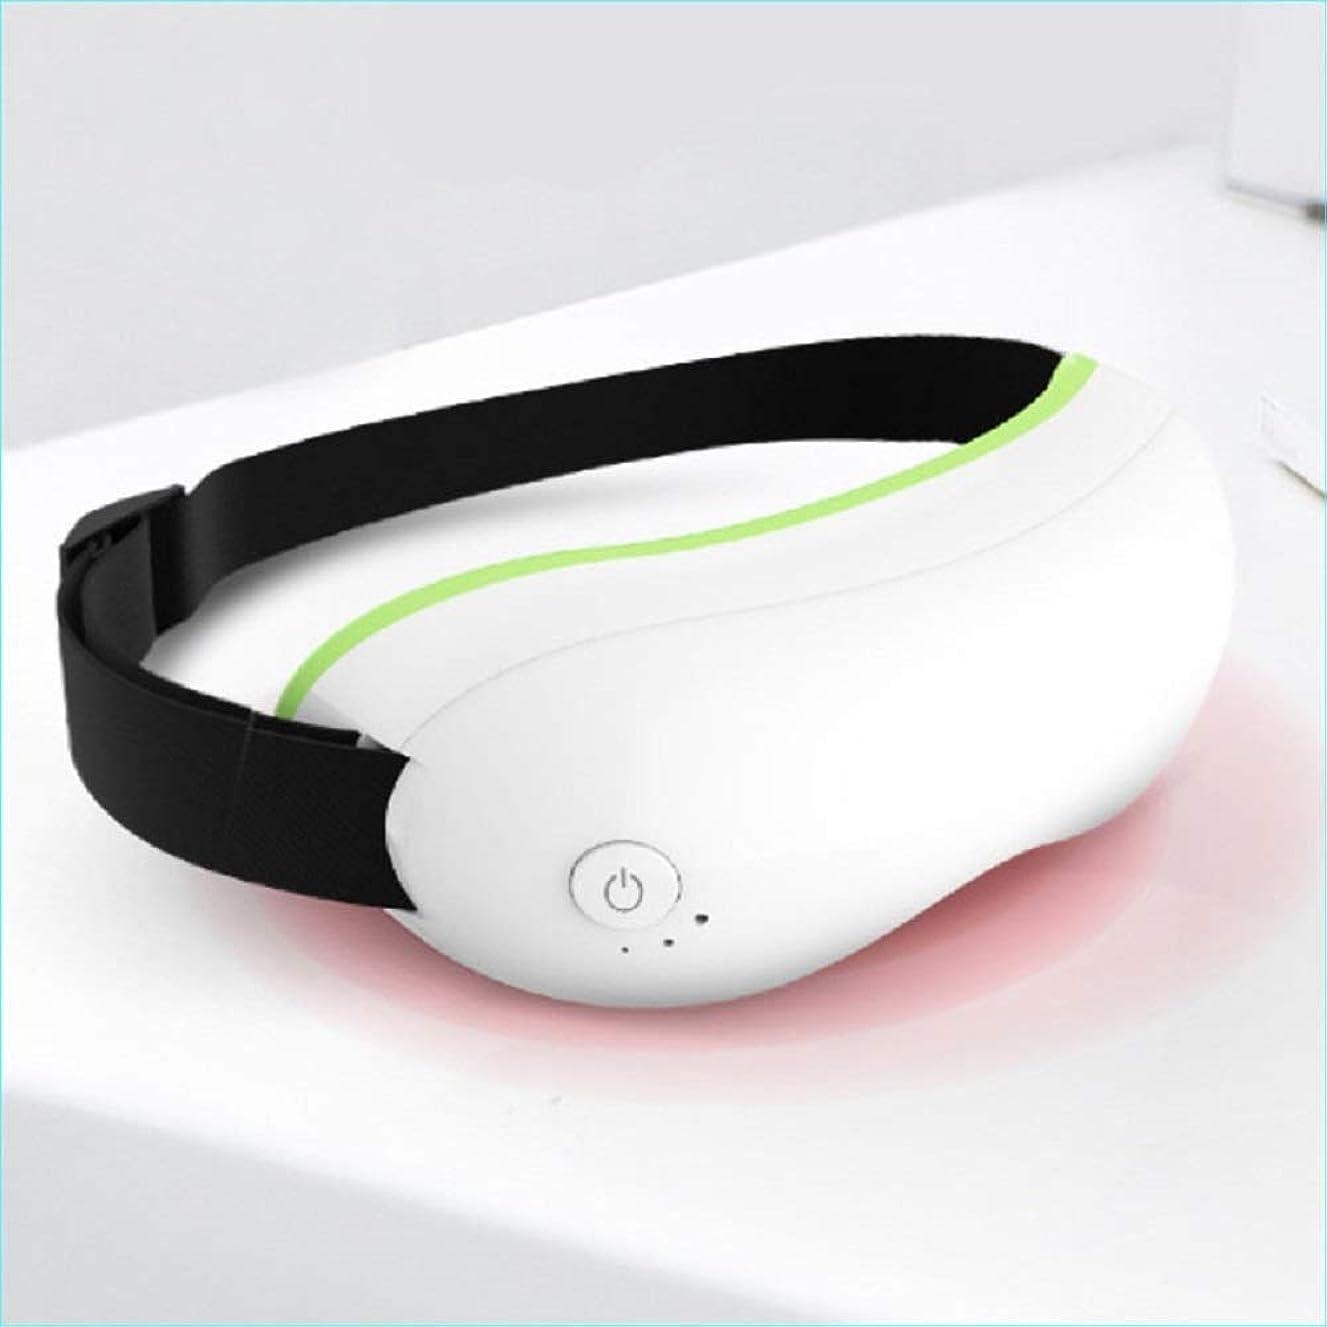 マラドロイト配当野菜Ruzzy 暖房付きの高度な充電式ワイヤレスインテリジェント振動アイマッサージ 購入へようこそ (Color : White)